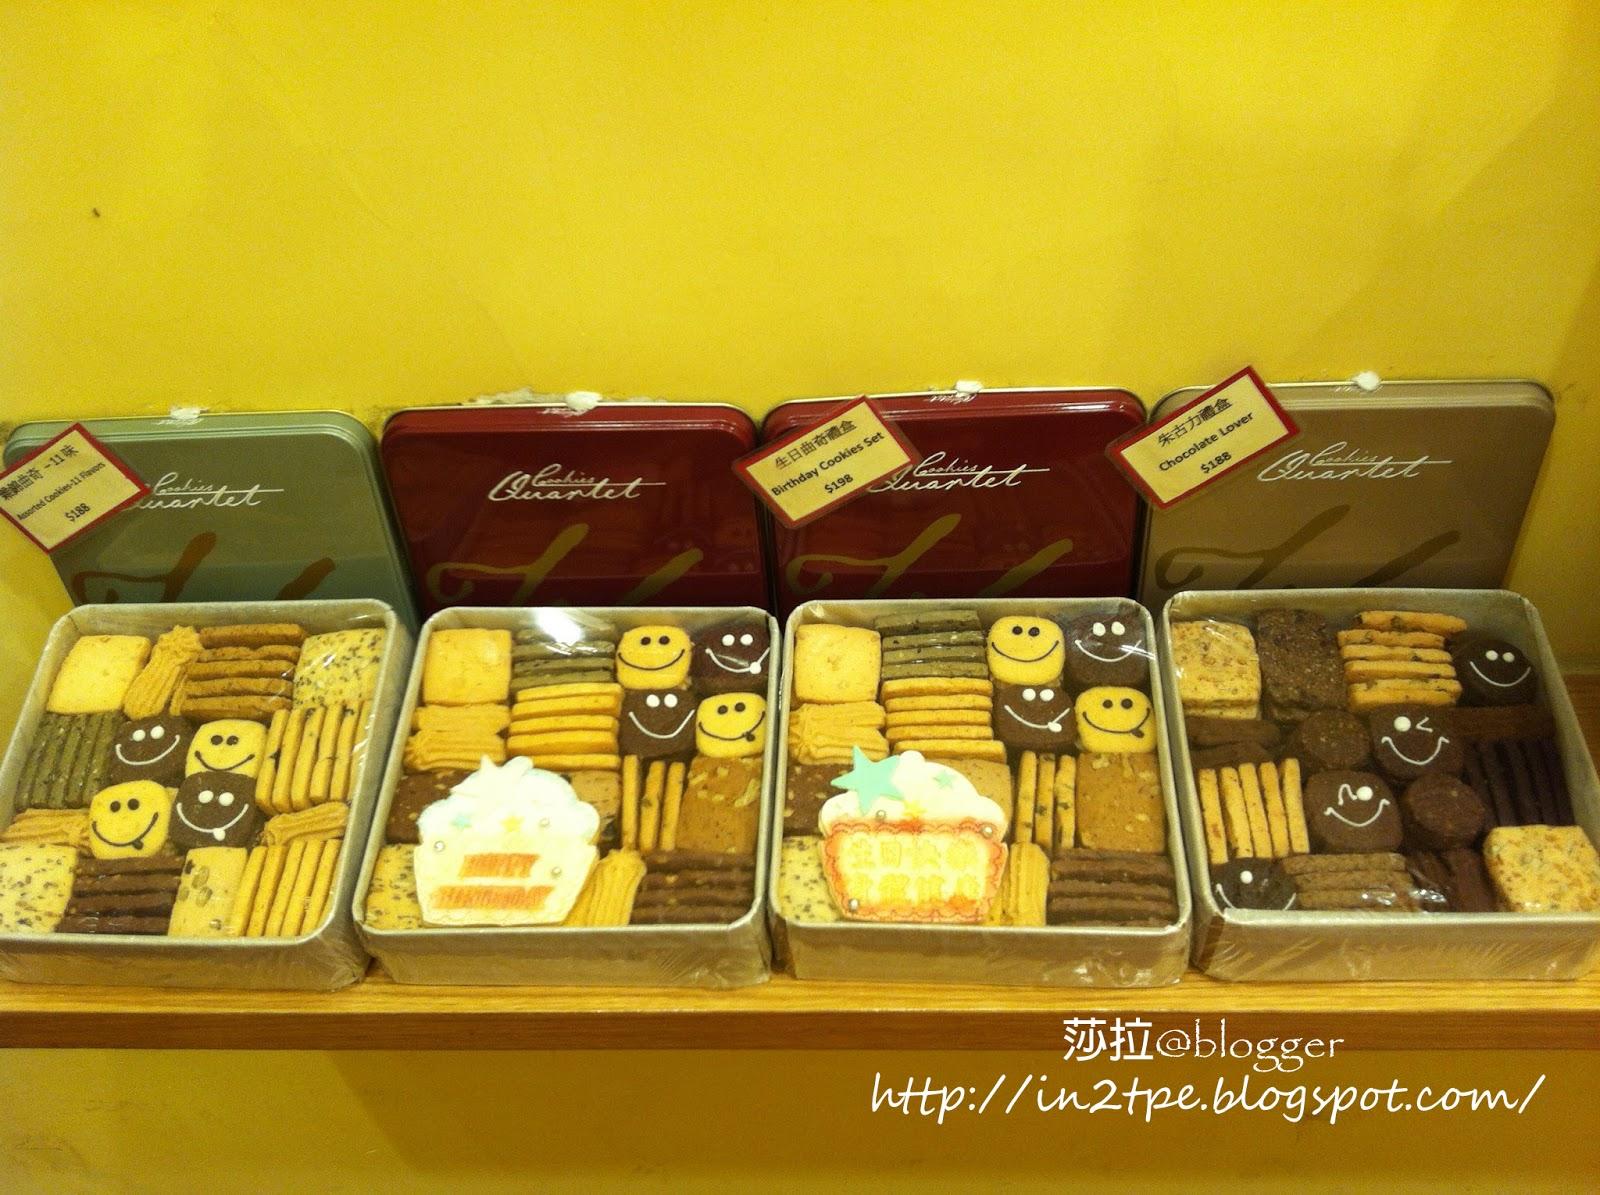 莎拉@Blogger: 【食 | 香港 】Cookies Quartet 曲奇四重奏